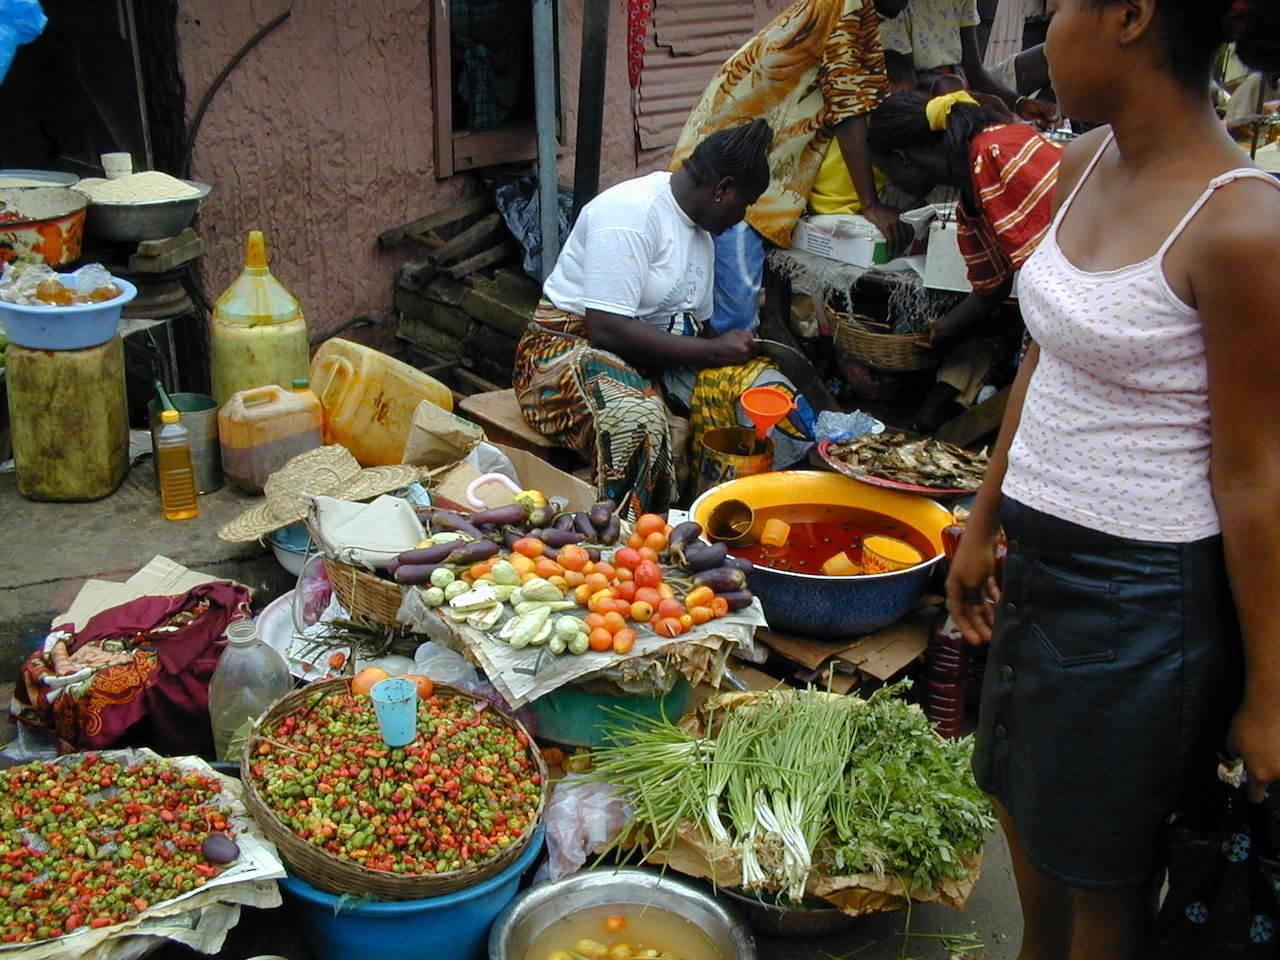 Street seller in Sierra Leone